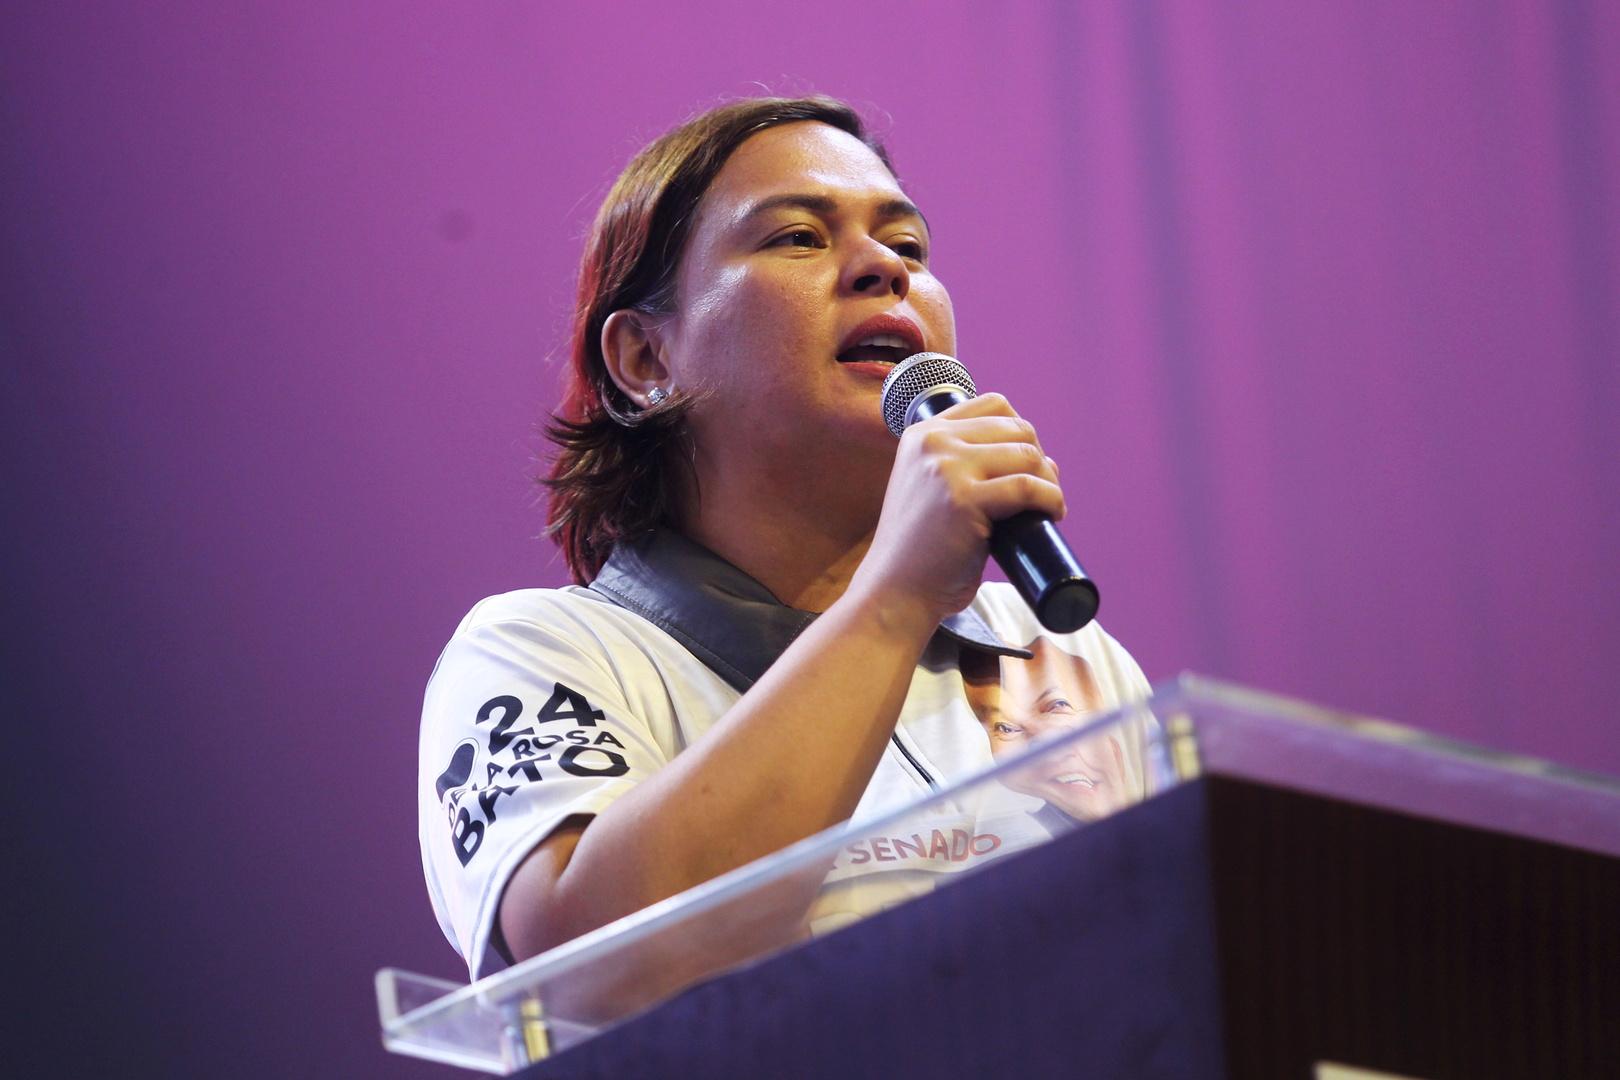 سارة دوتيرتي عمدة مدينة دافاو وابنة الرئيس الفلبيني رودريغو دوتيرتي